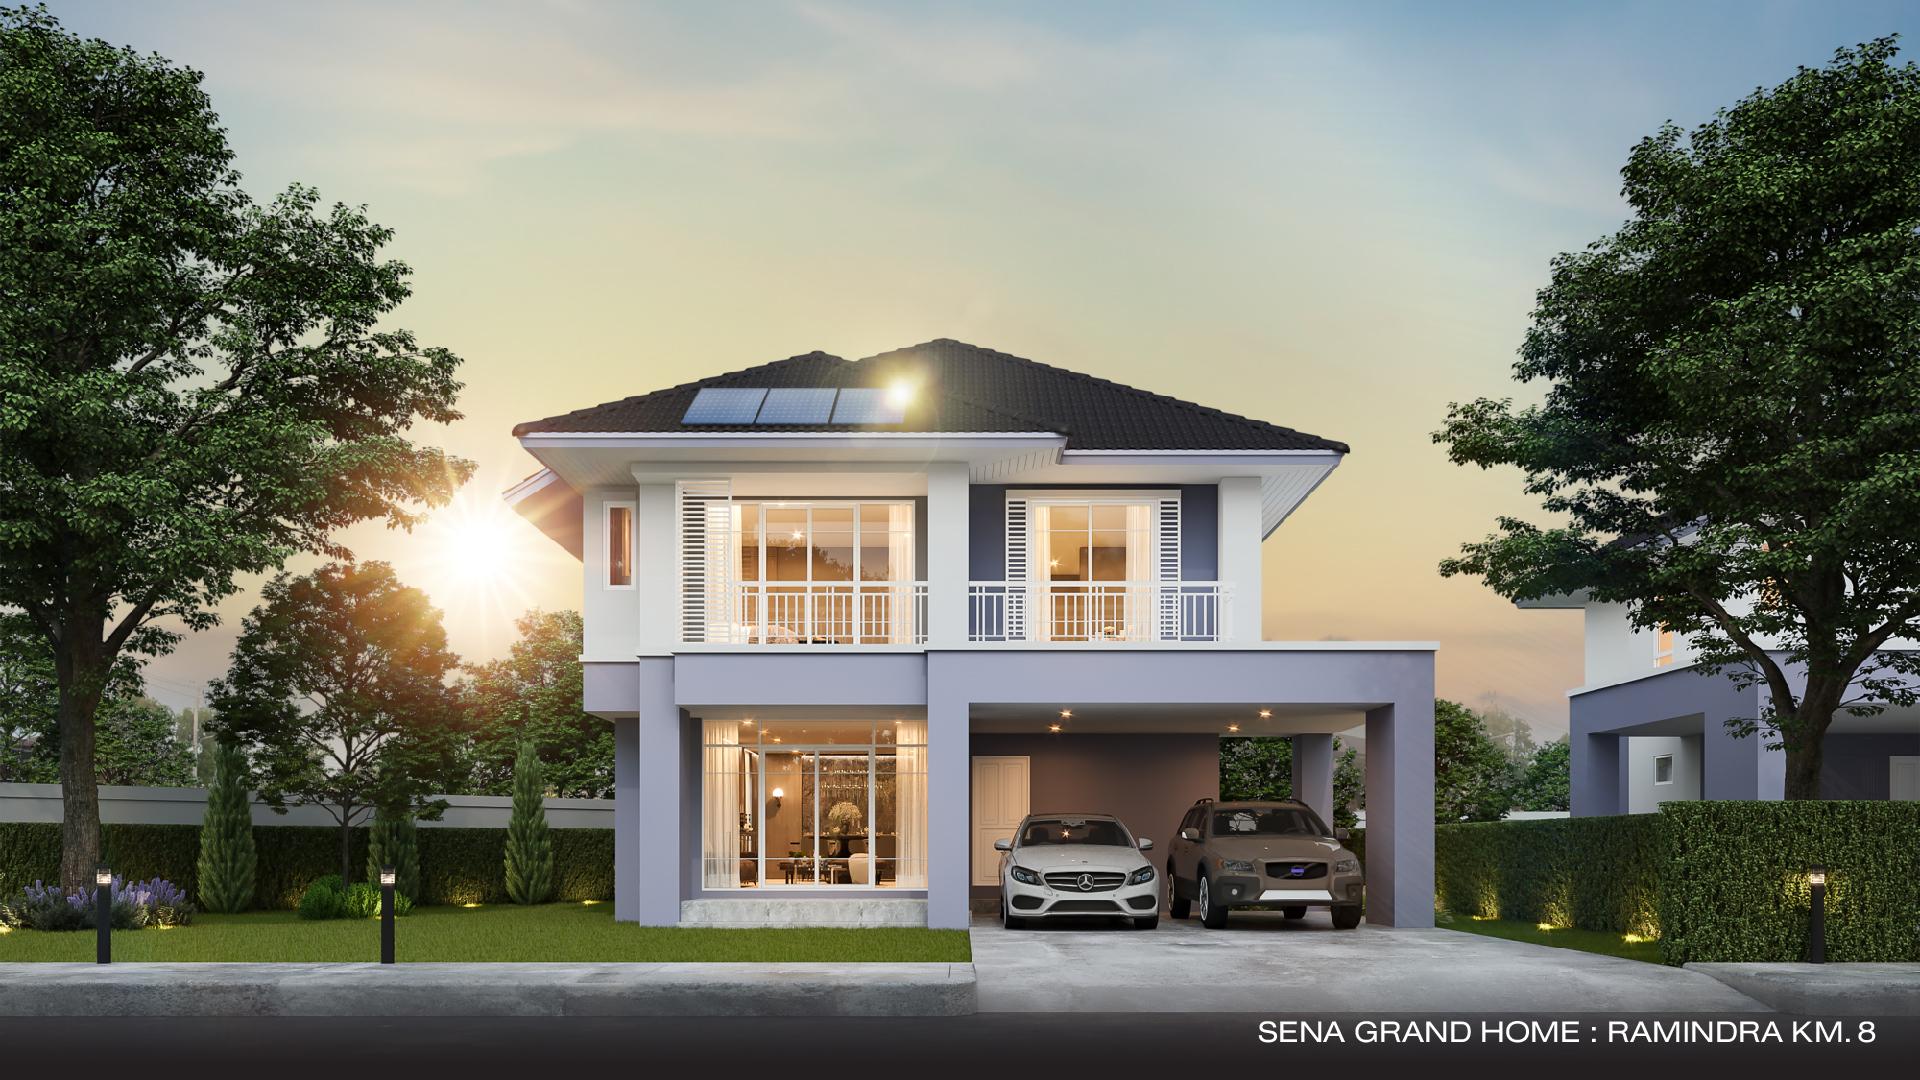 Sena Grand Home รามอินทรา กม. 8